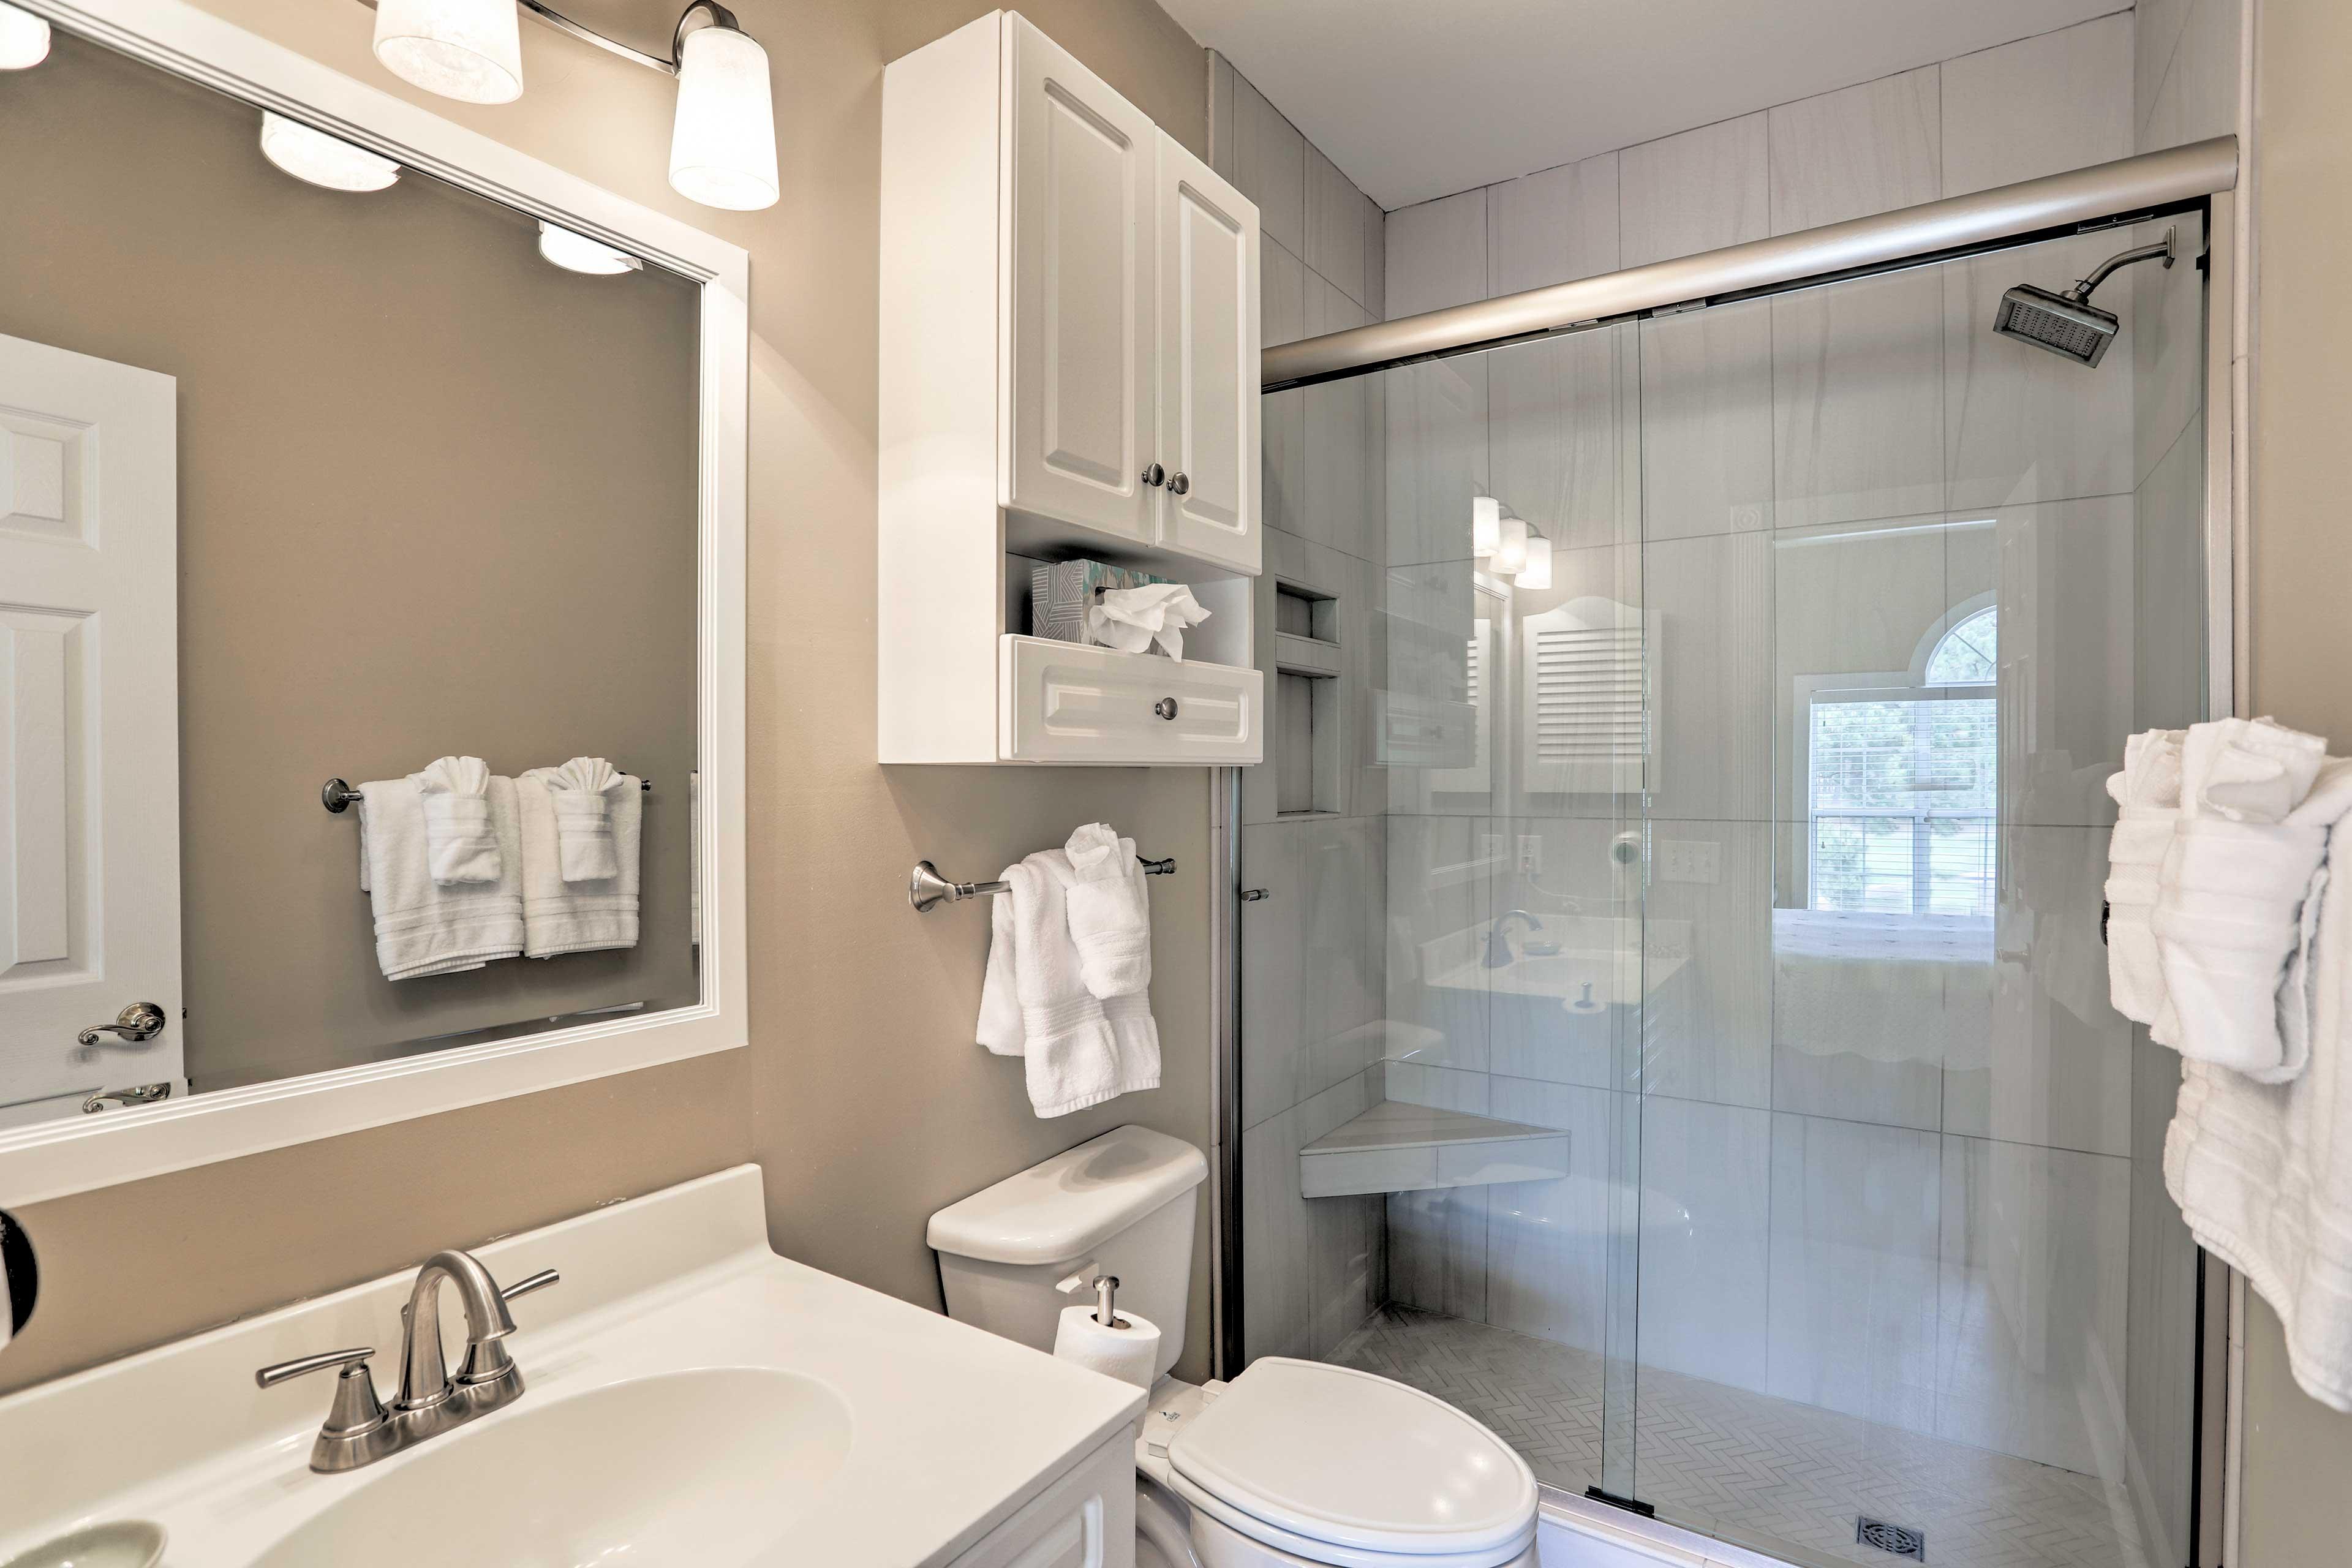 En-Suite Bathroom | Walk-In Shower | Towels Provided